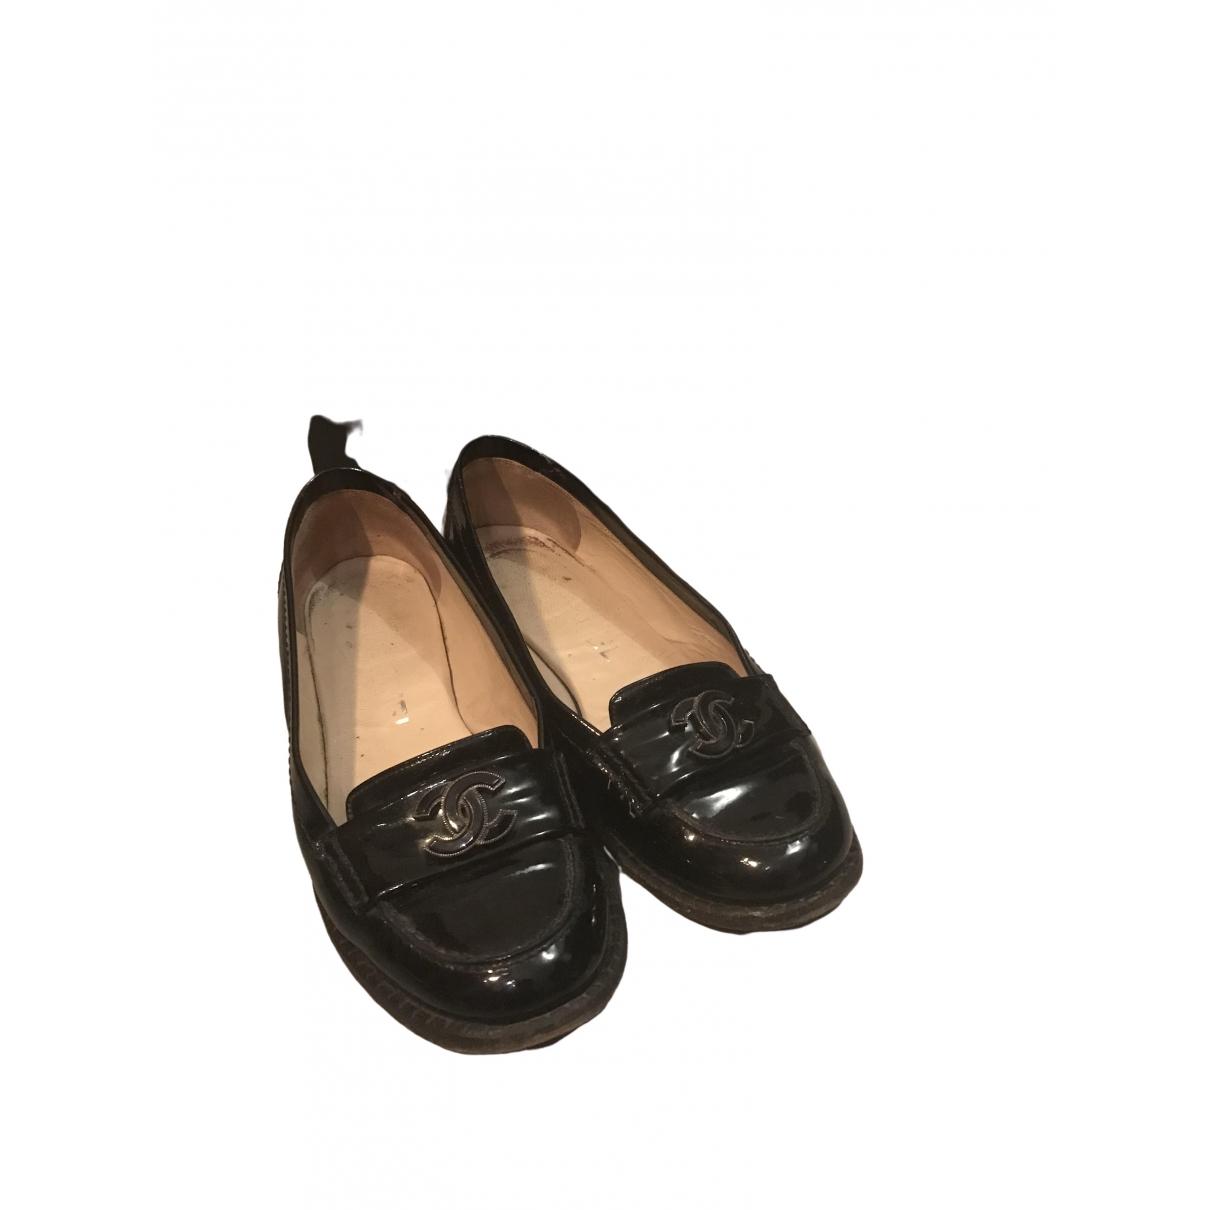 Chanel - Mocassins   pour femme en cuir verni - noir